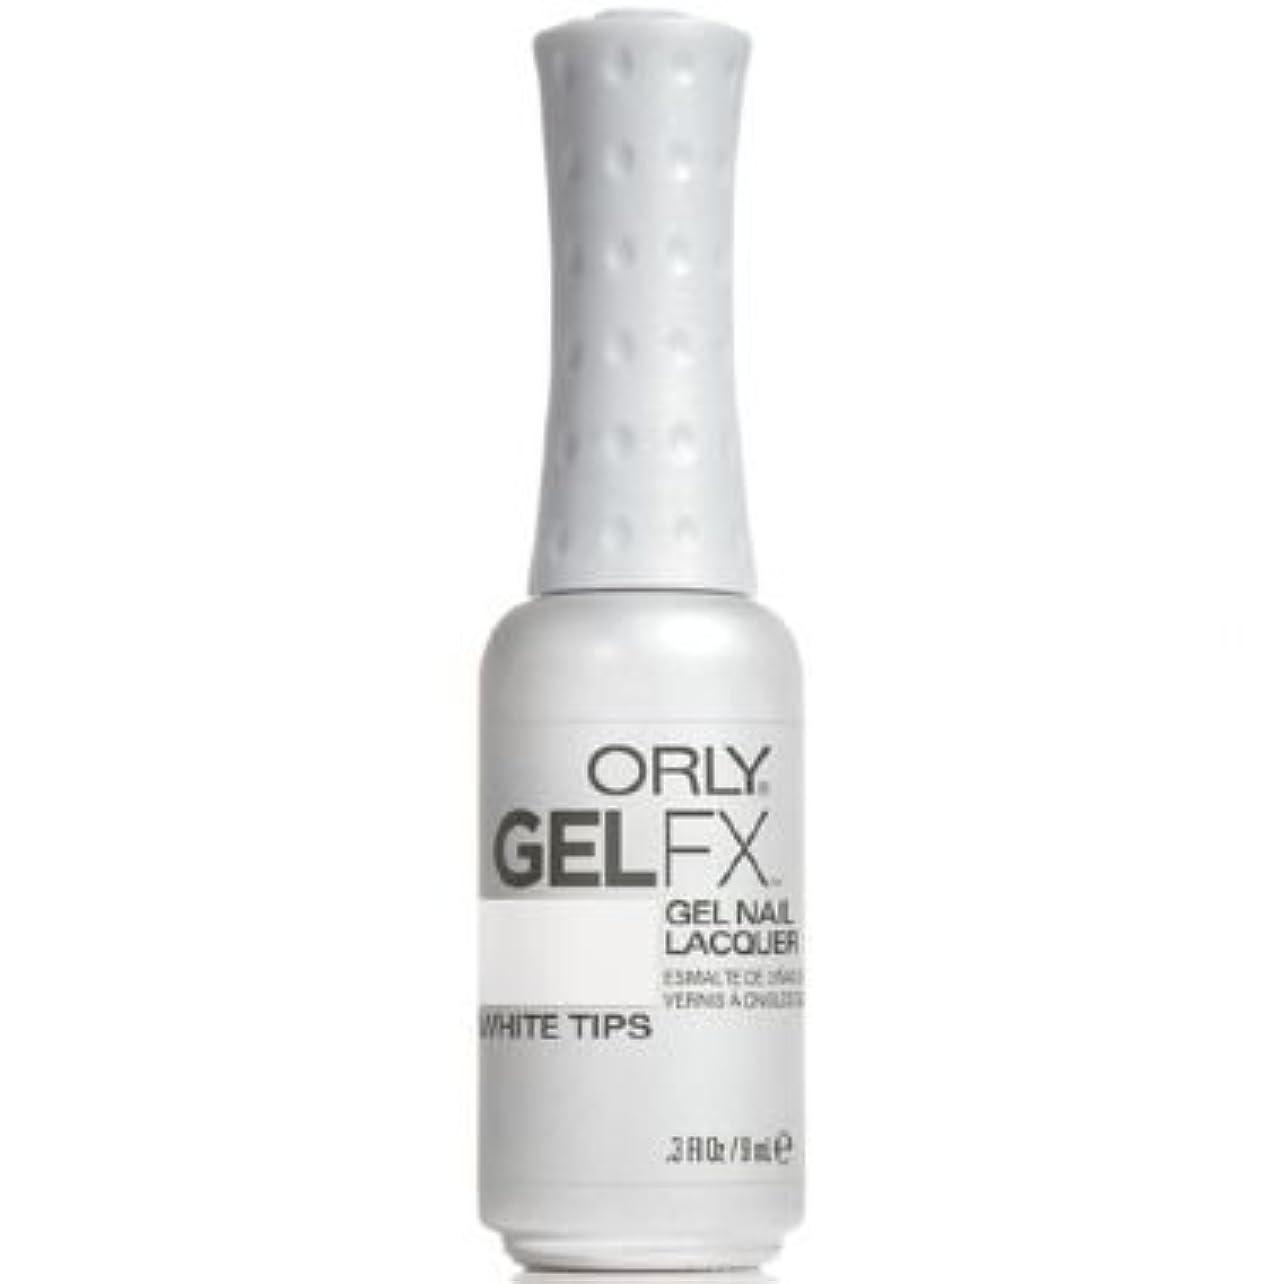 シフト脚本電圧Orly Gel FX Gel UV Vernis à Ongles/ Gel Polish - White Tips 9ml